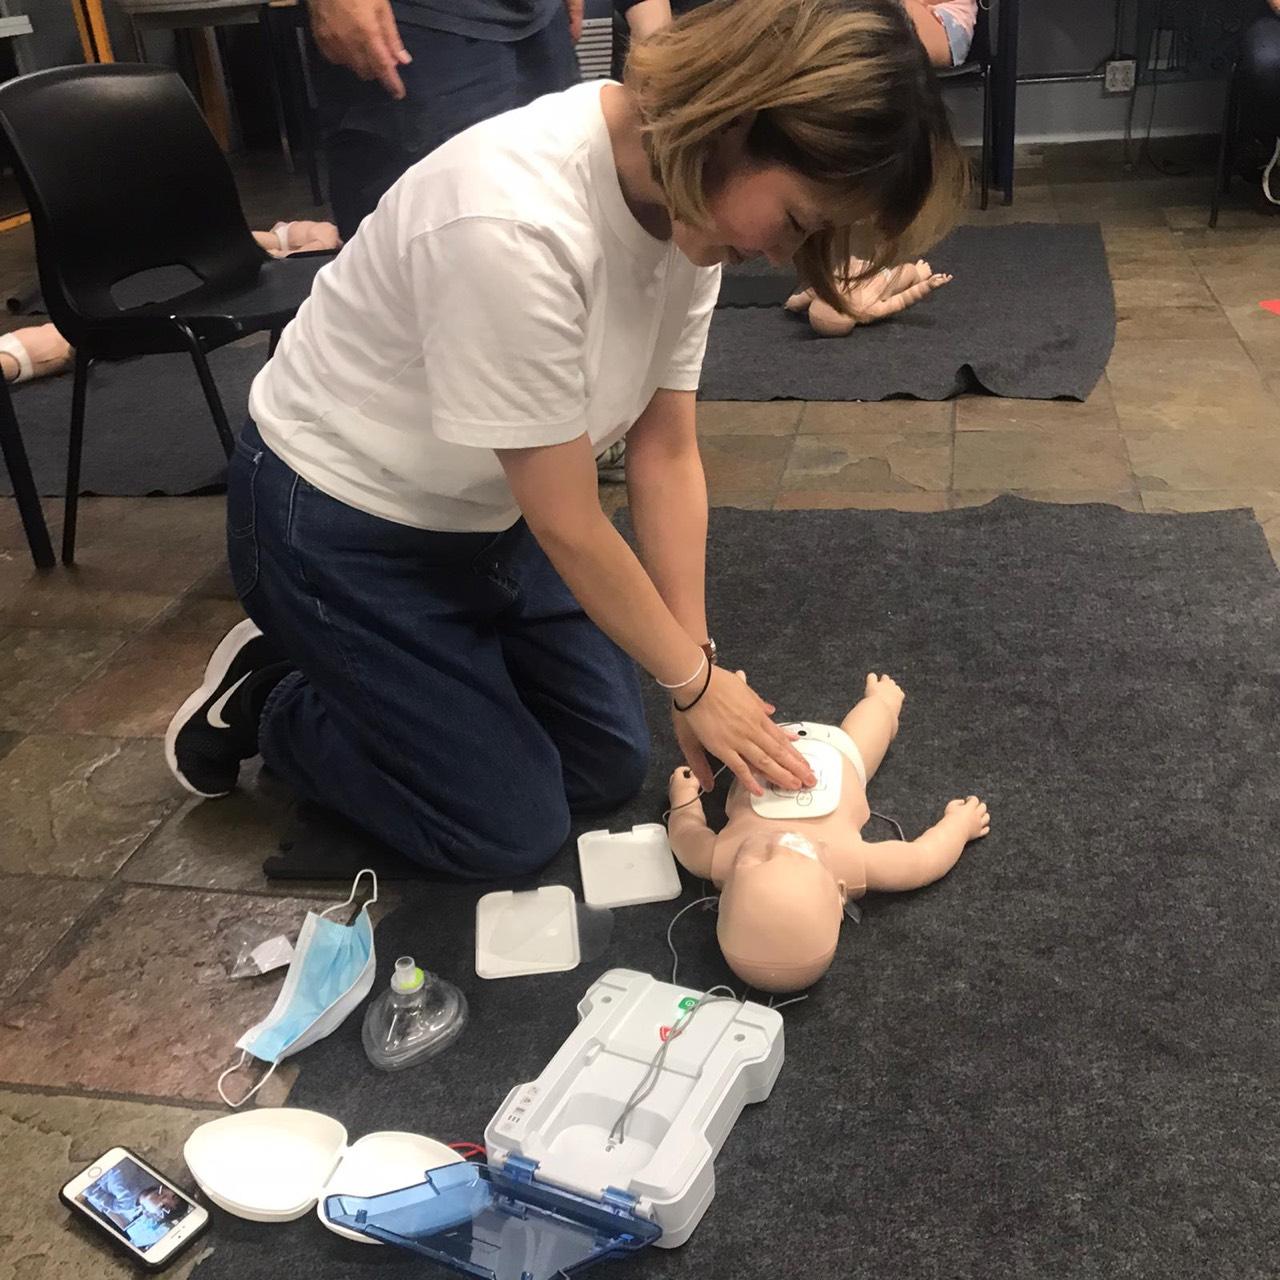 【保育カレッジ授業】緊急時の応急処置対応!First Aid講習を受けてきました